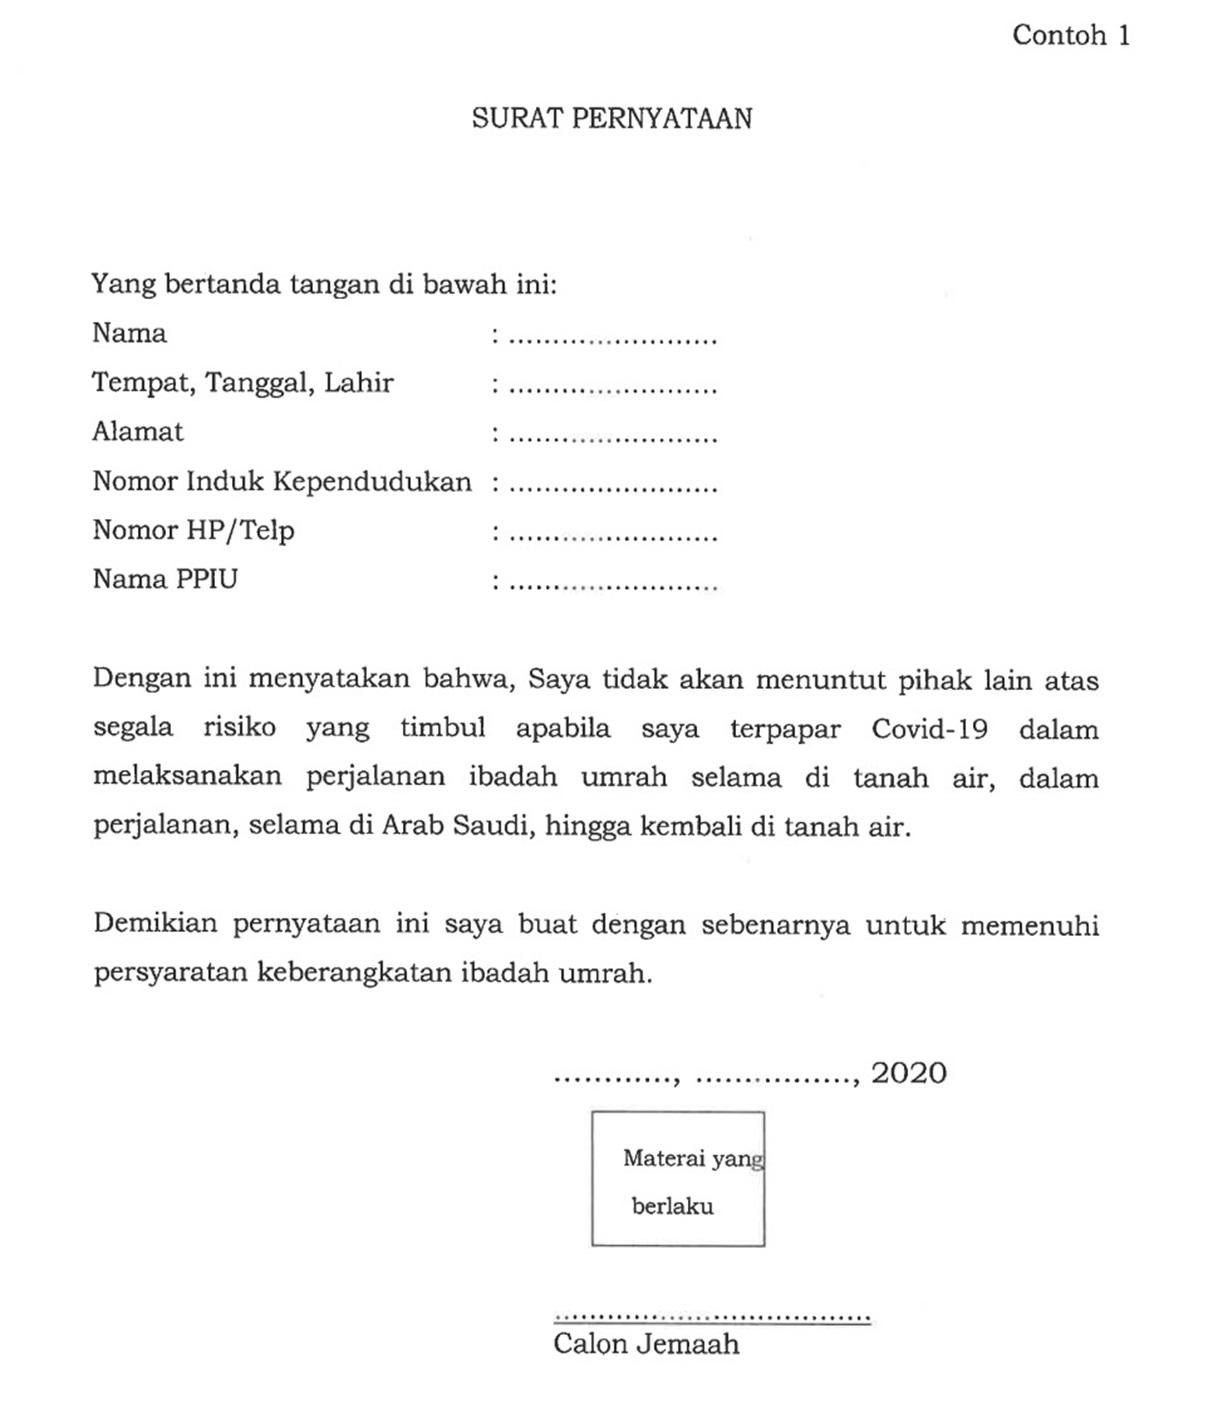 Format Surat Pernyataan jemaah umrah dimasa covid-19 untuk tidak akan menuntut pihak lain atas risiko yang timbul akibat Covid-19